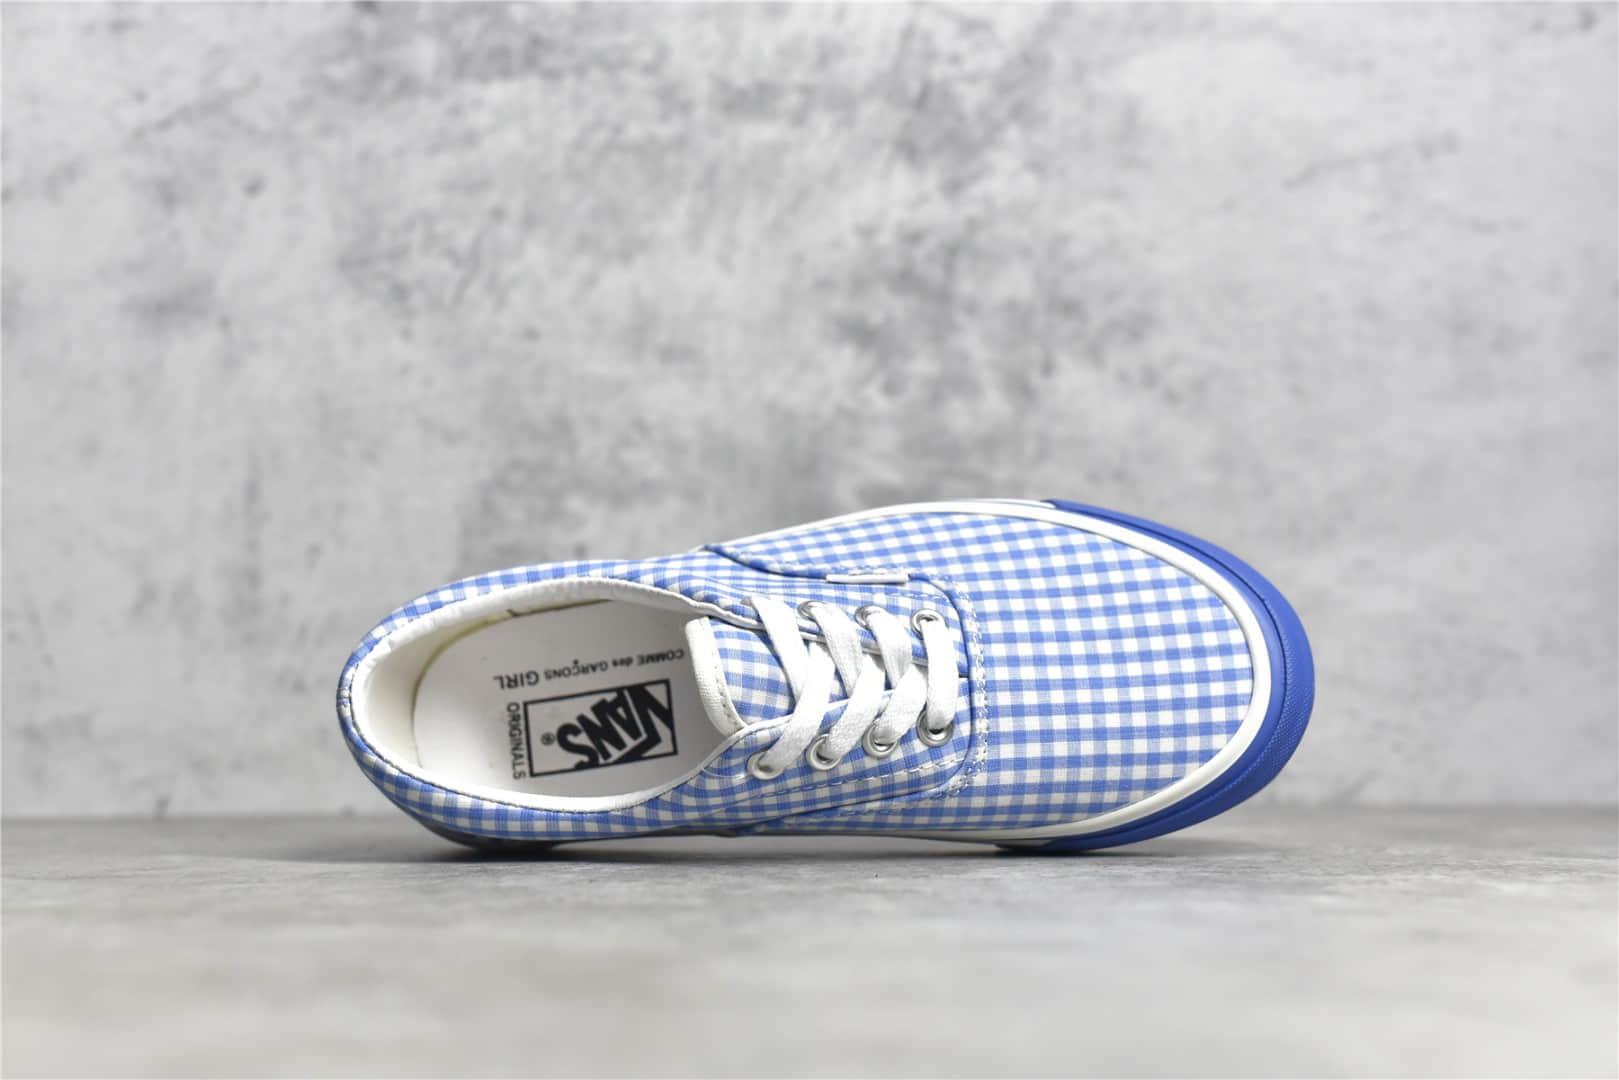 万斯蓝色格子低帮 Vans x CDG 原厂硫化万斯联名款 万斯2021新款 INS爆款万斯帆布鞋-潮流者之家